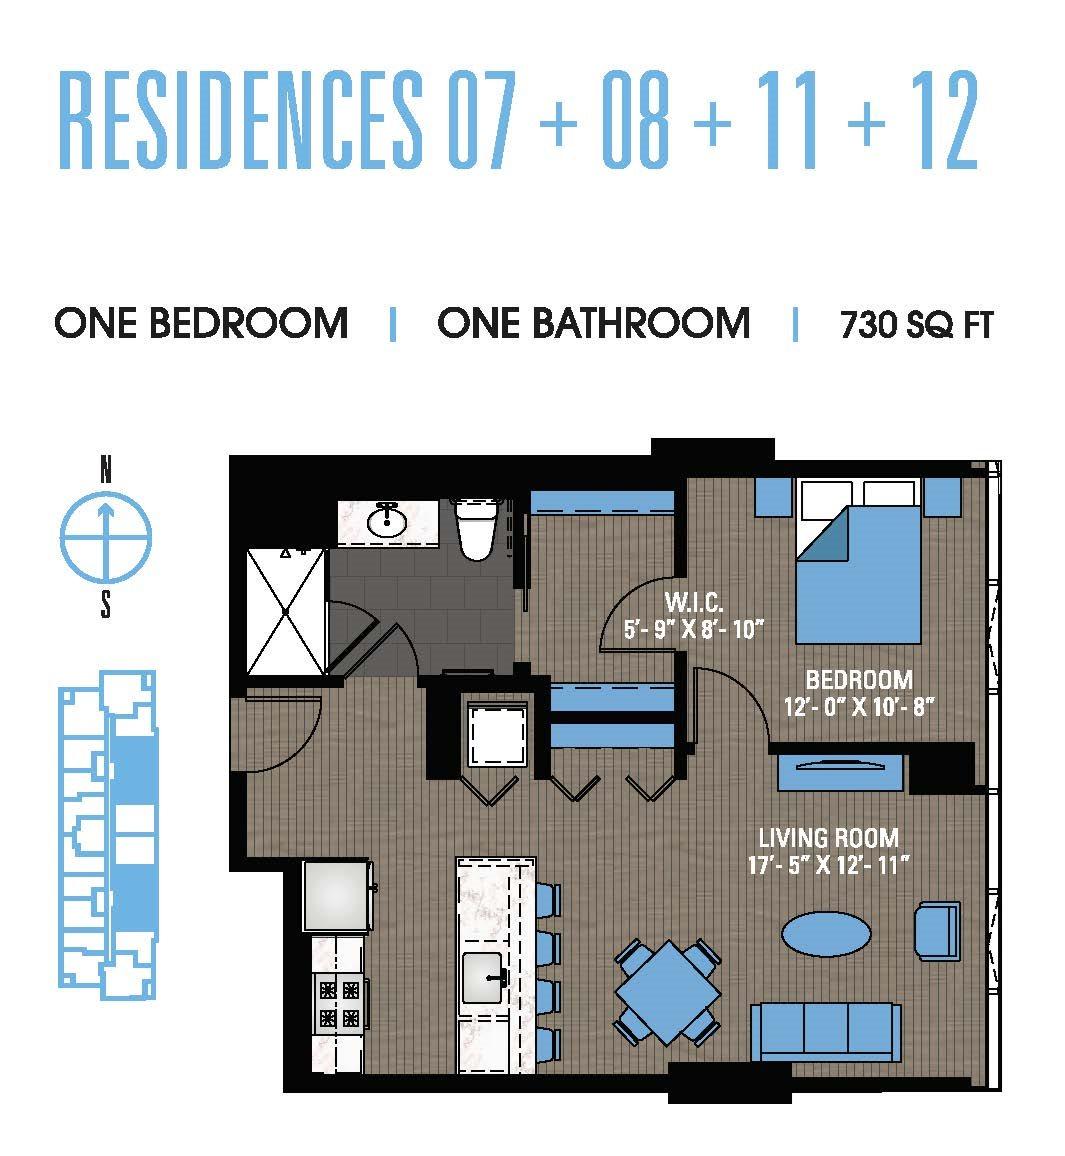 One Bedroom 07+08+11+12 Floor Plan 18